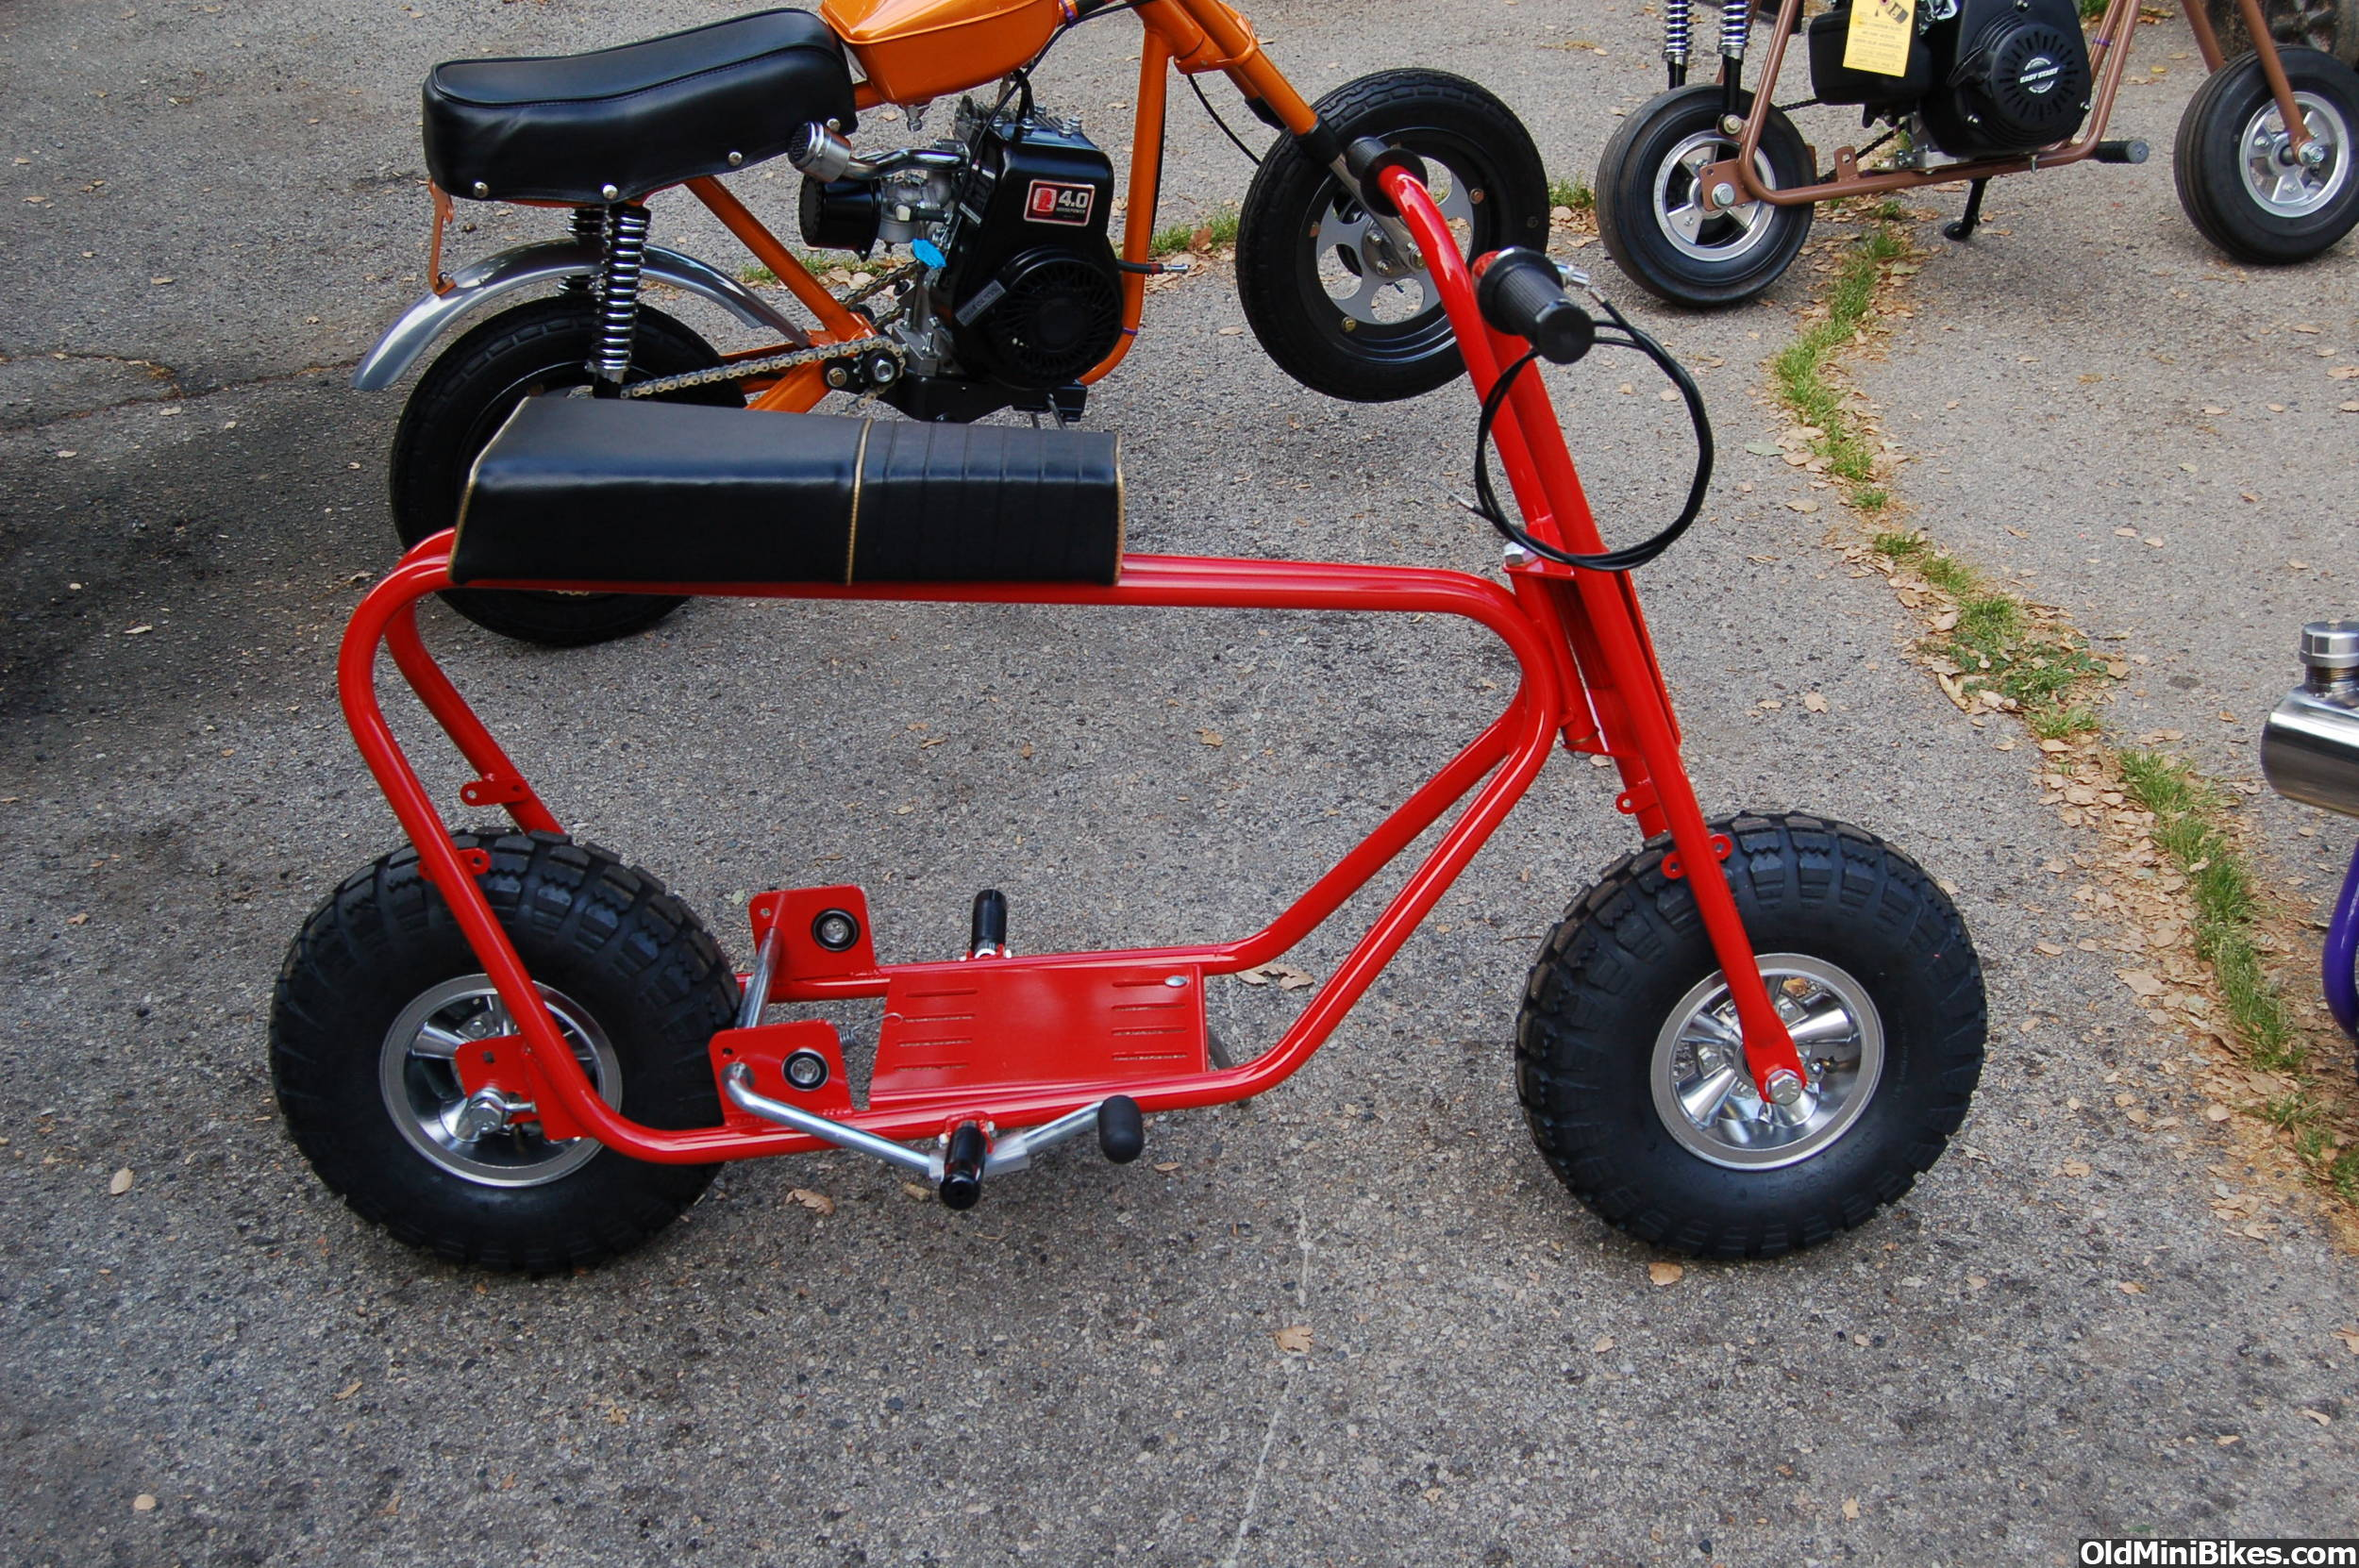 Pocket Bikes Mini Bikes Pocket Bike Parts For Sale At